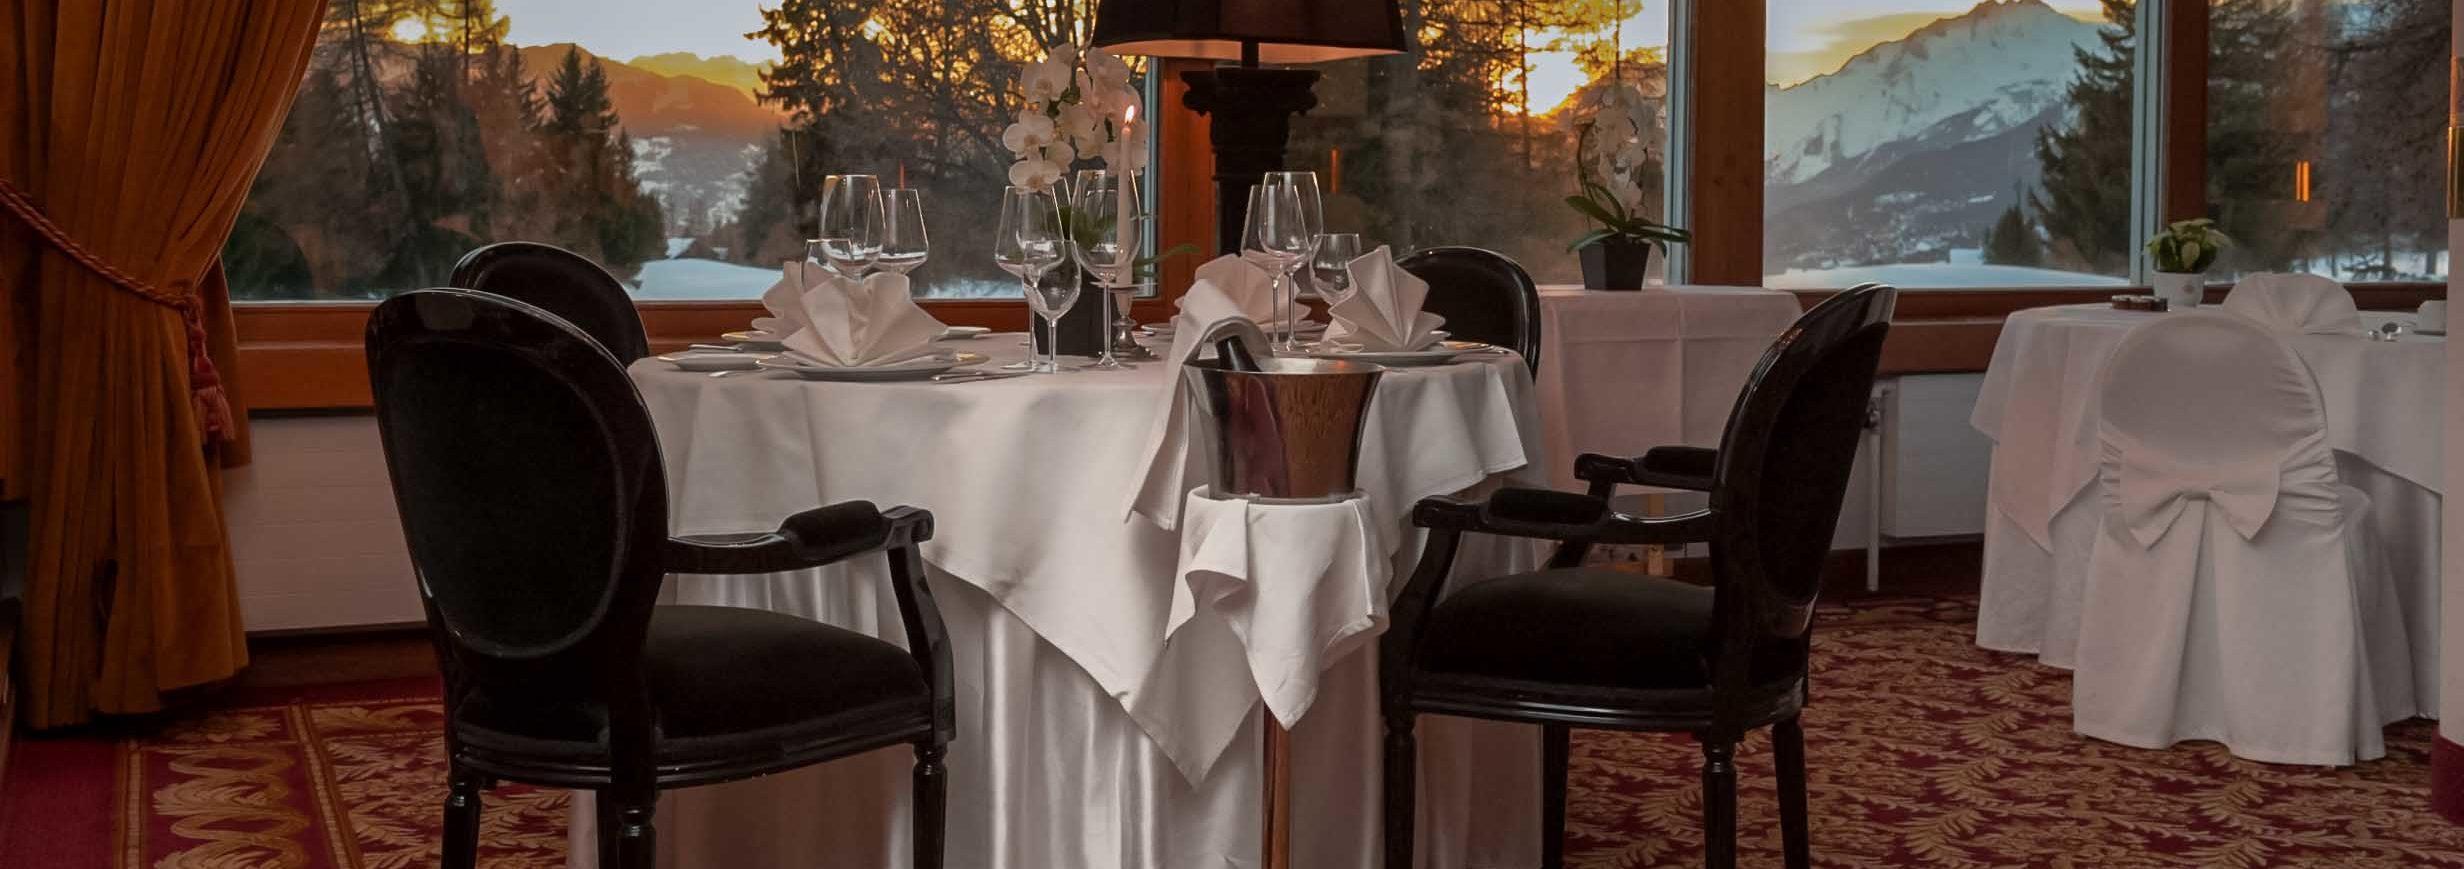 Restaurant_Relais_04